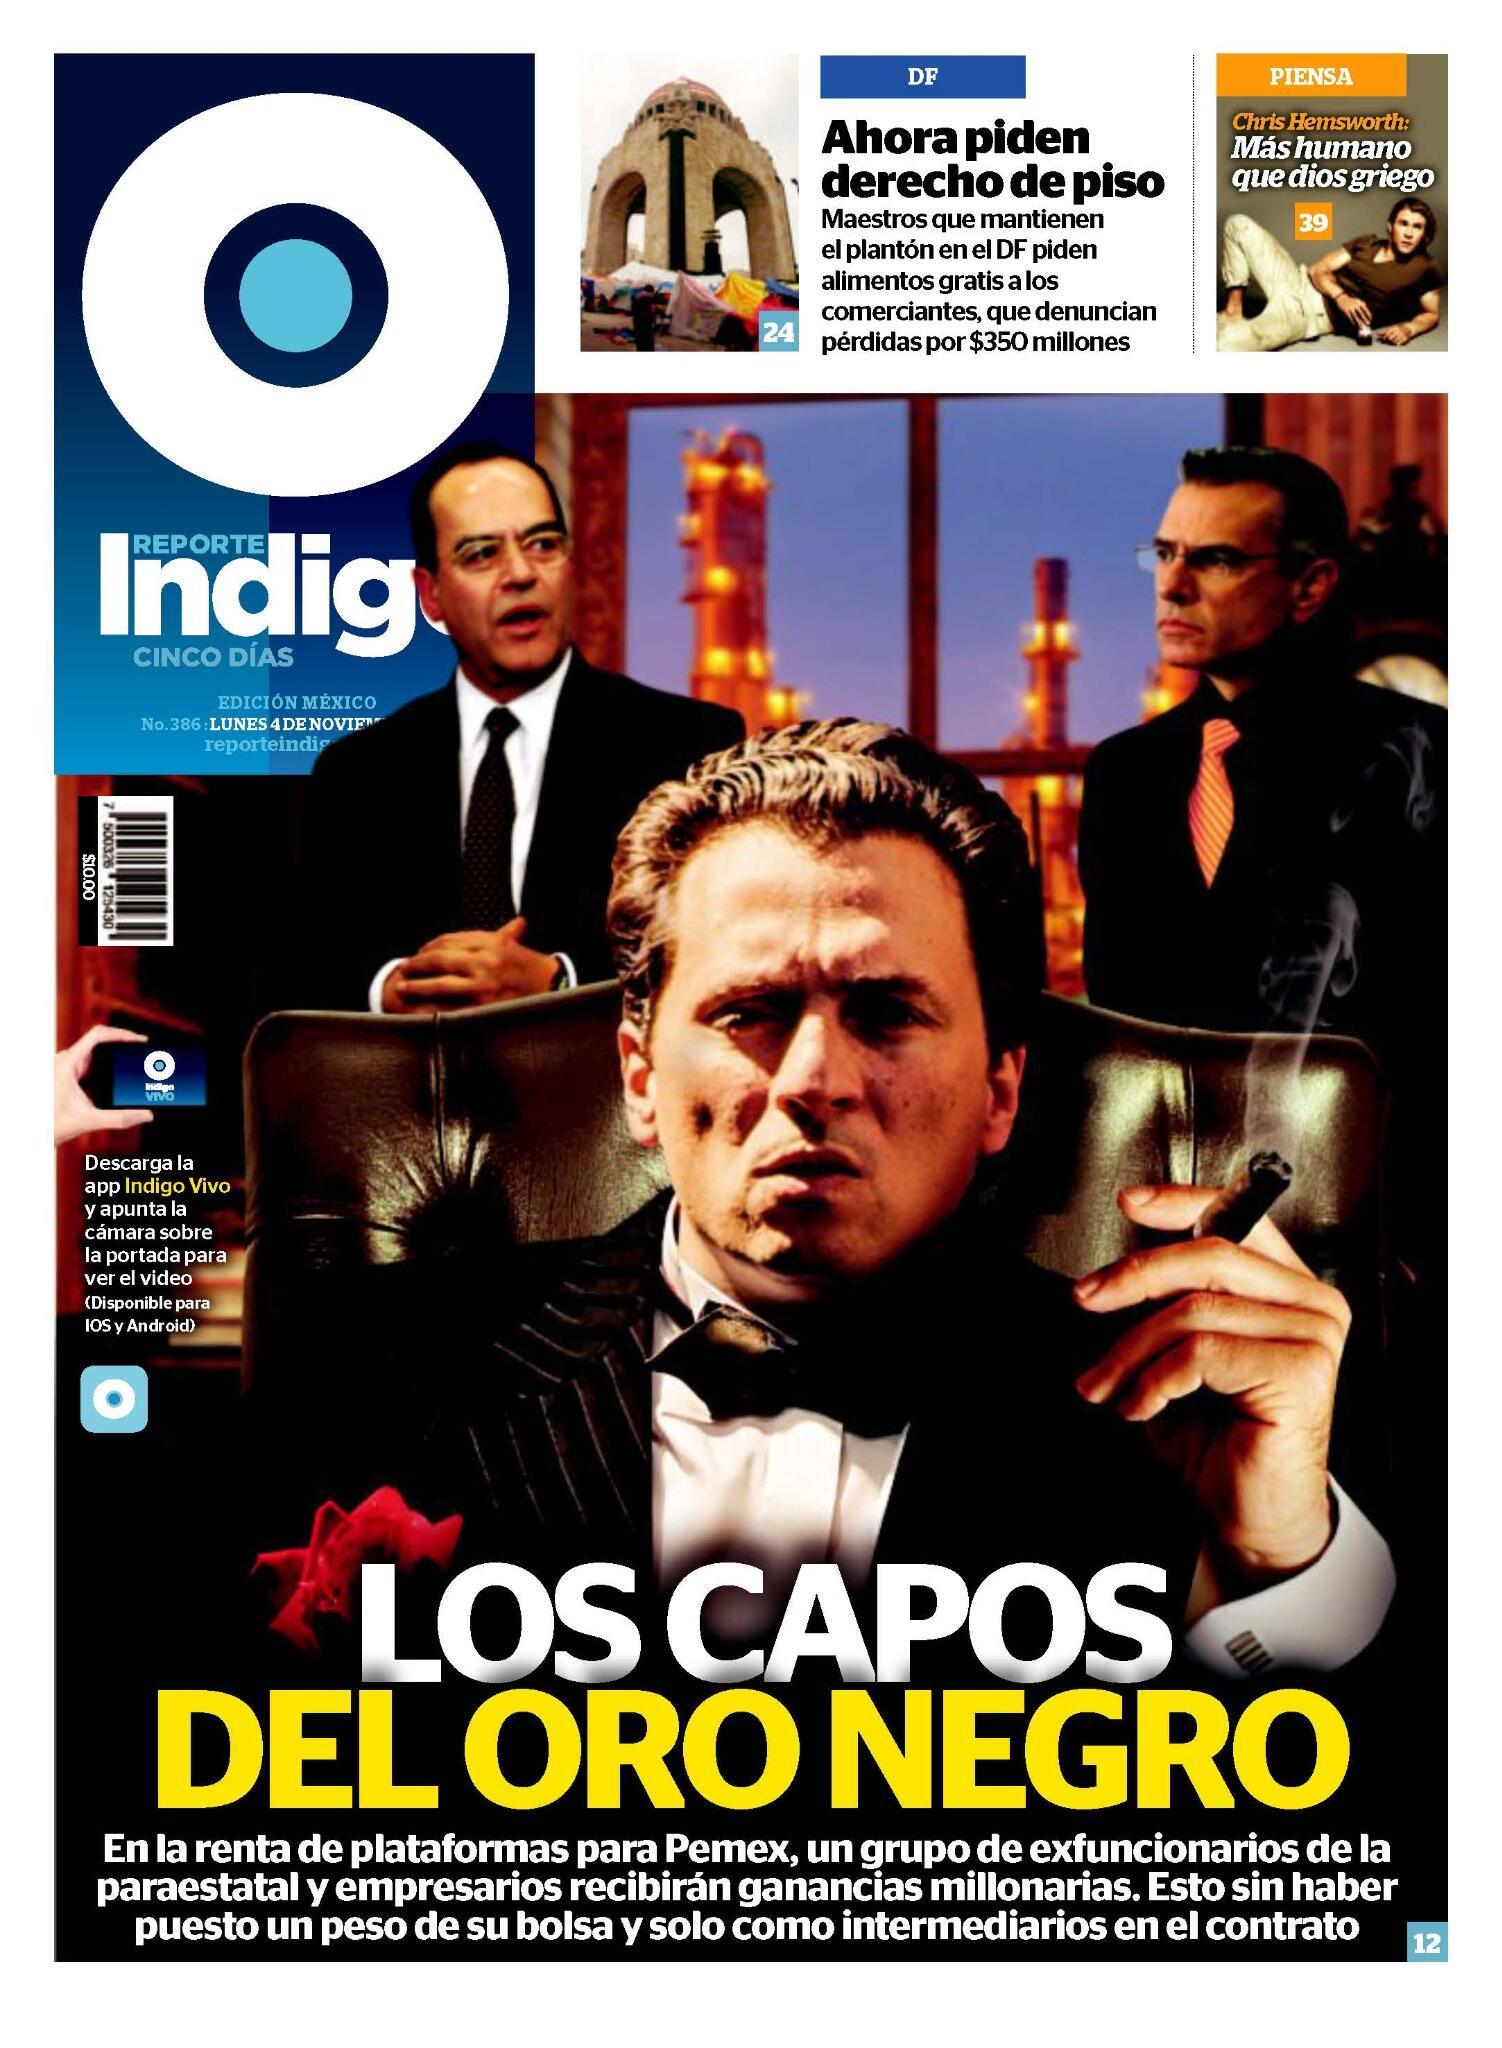 """Esta es la portada de @Reporte_Indigo del 4 de noviembre de la Ciudad de México: """"Los capos del Oro Negro"""". http://t.co/XmVU51UkMk"""